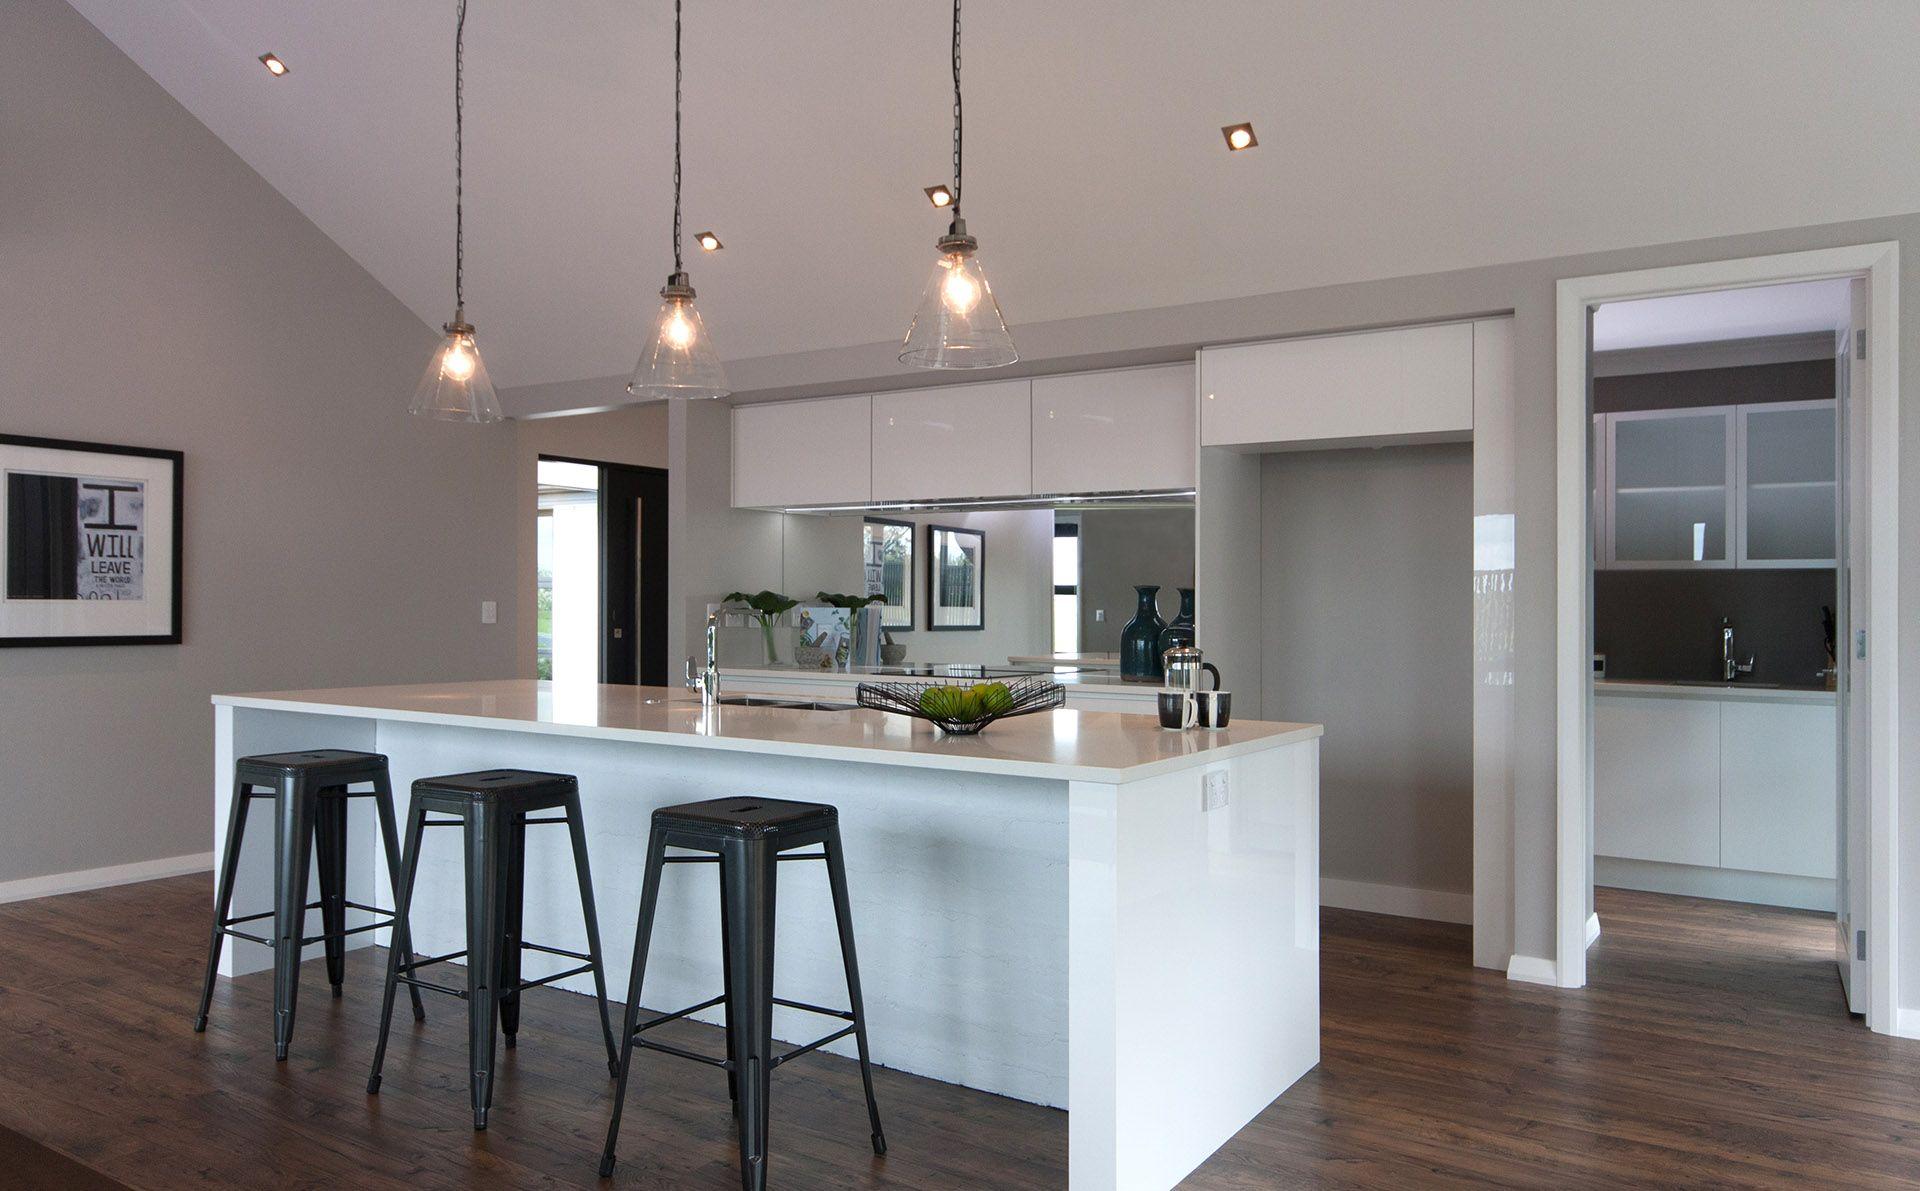 showhomes flagstaff gj gardner homes kitchen floor plans kitchen inspirations house interior on g kitchen layout design id=17469